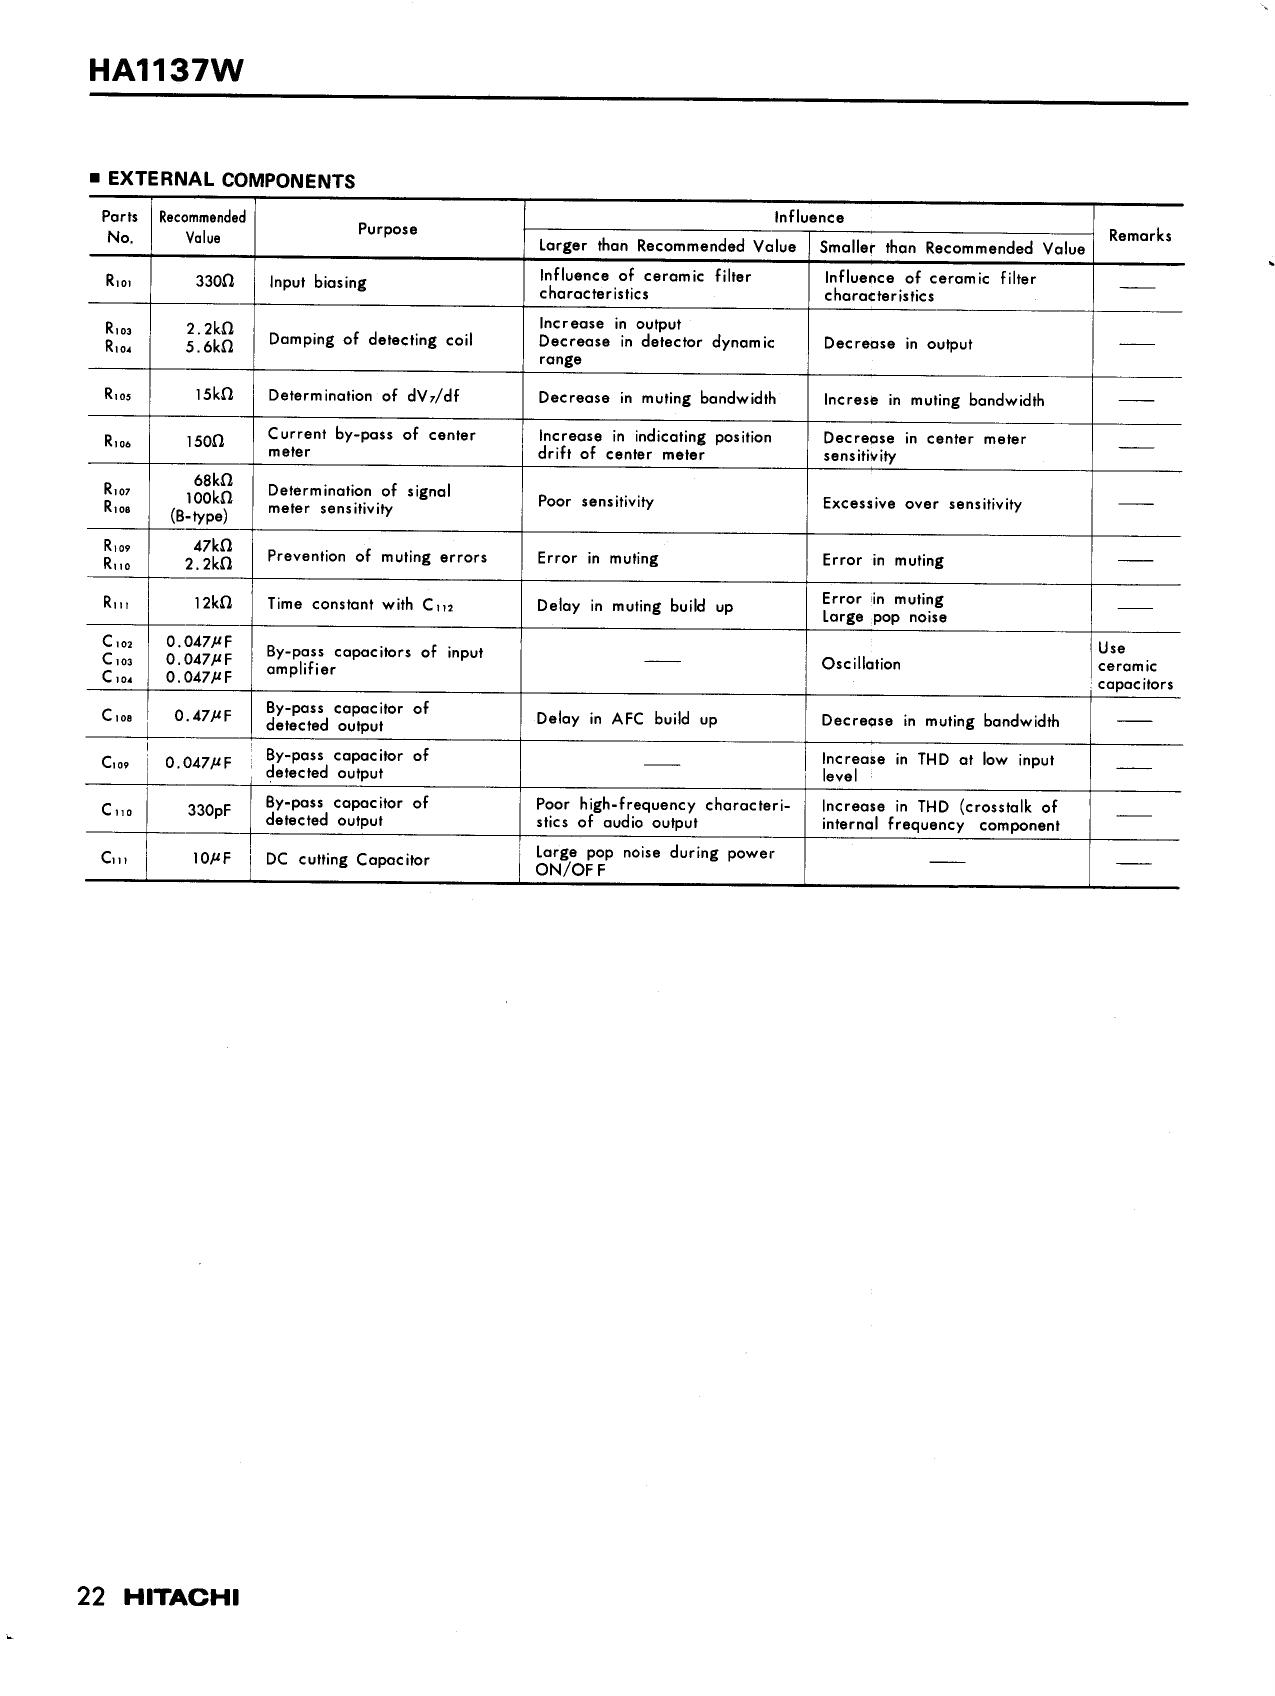 HA1137W pdf